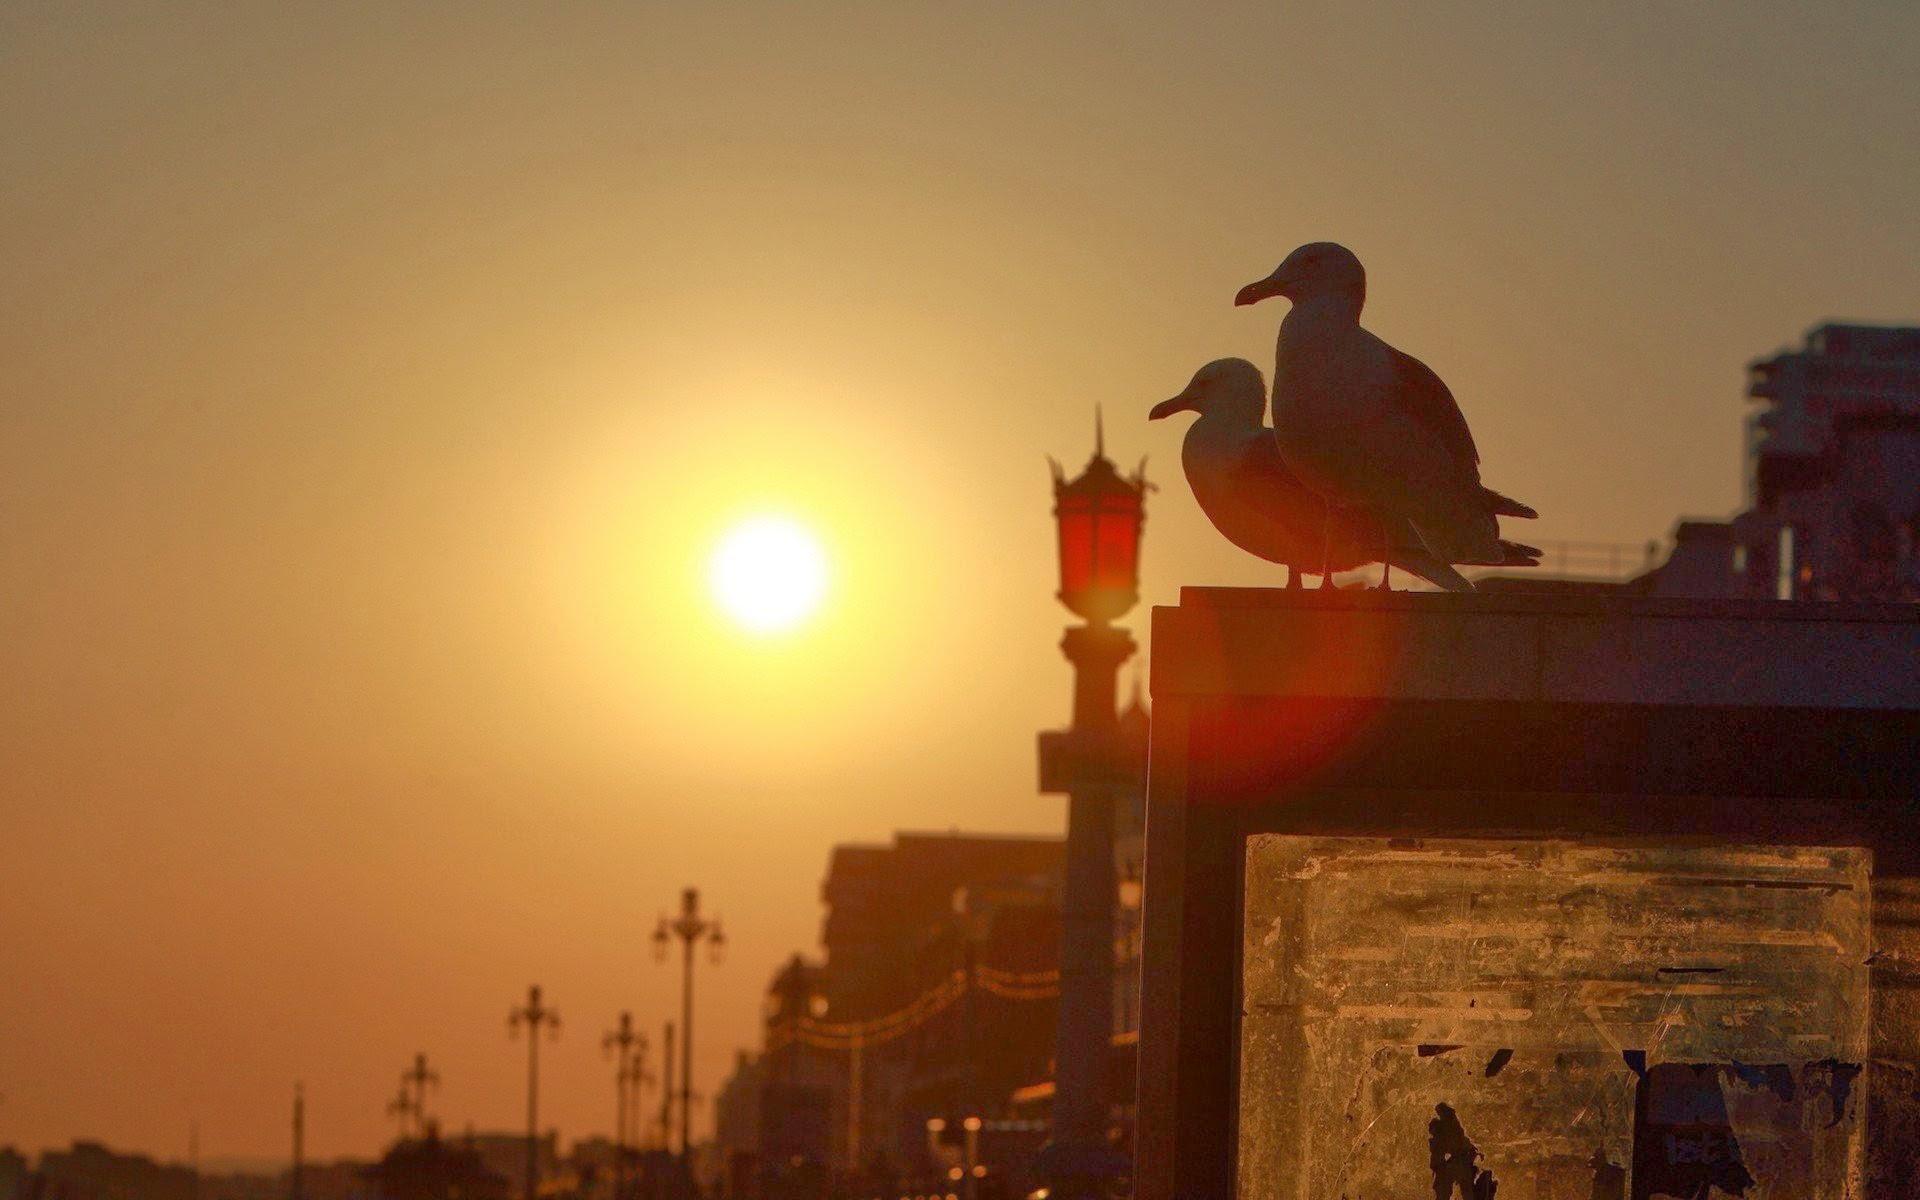 Aves en la atardeser caida del sol fondos de pantalla for Fondo del sol